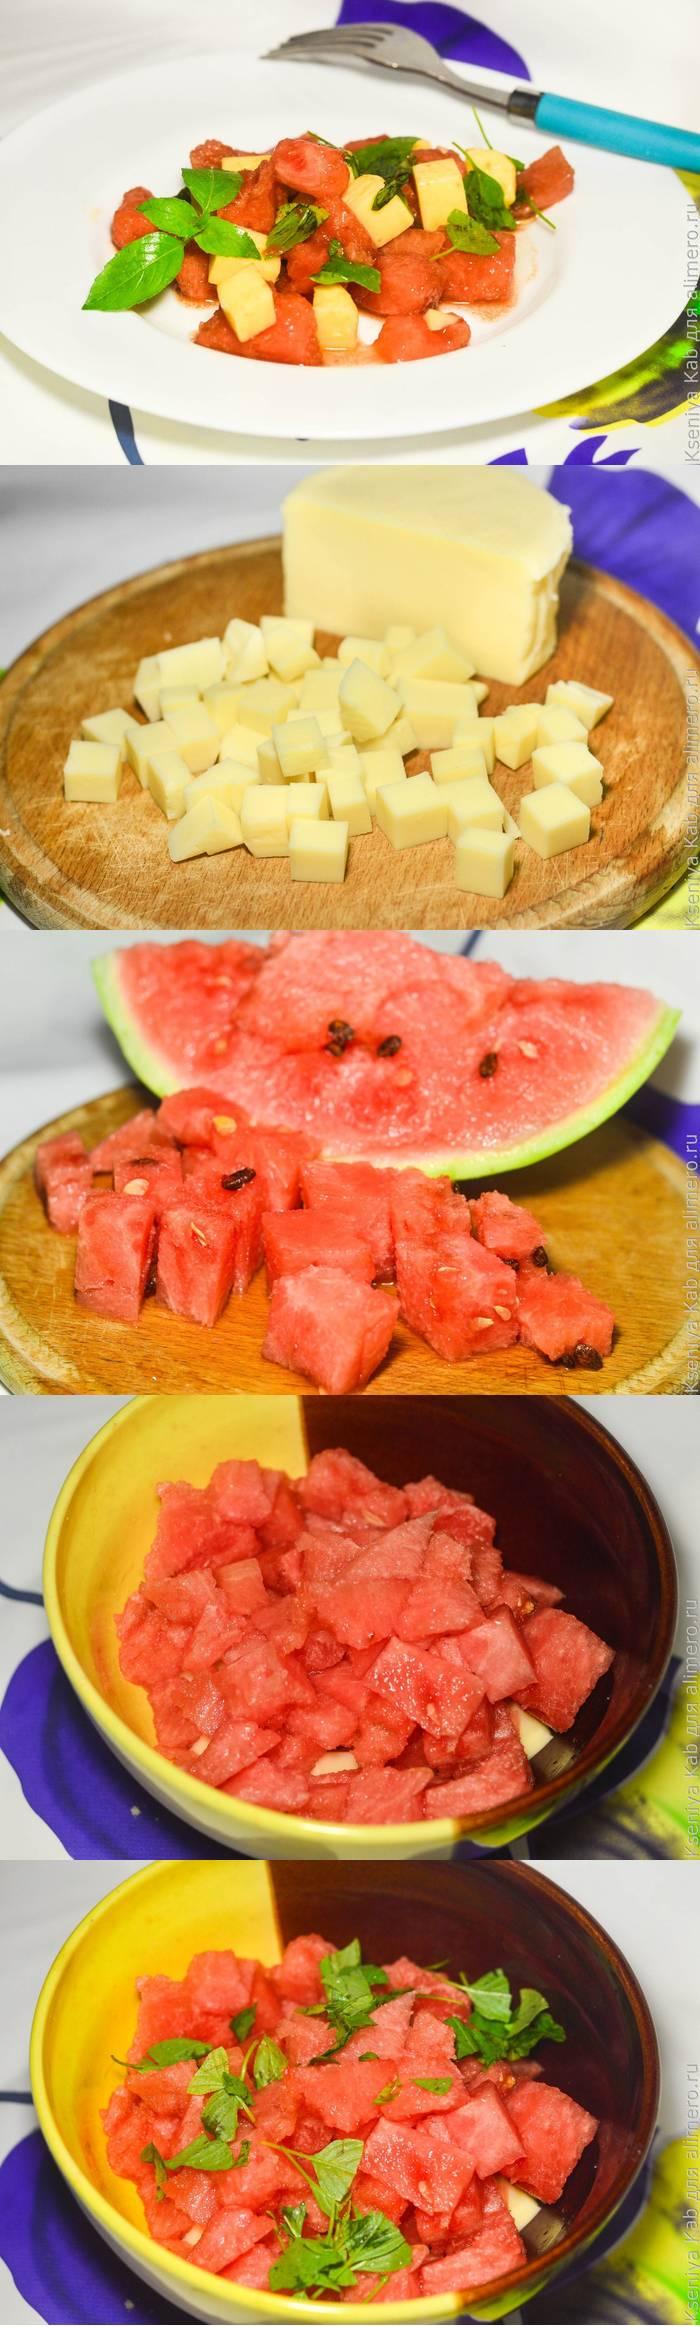 Салат из арбуза и сыра